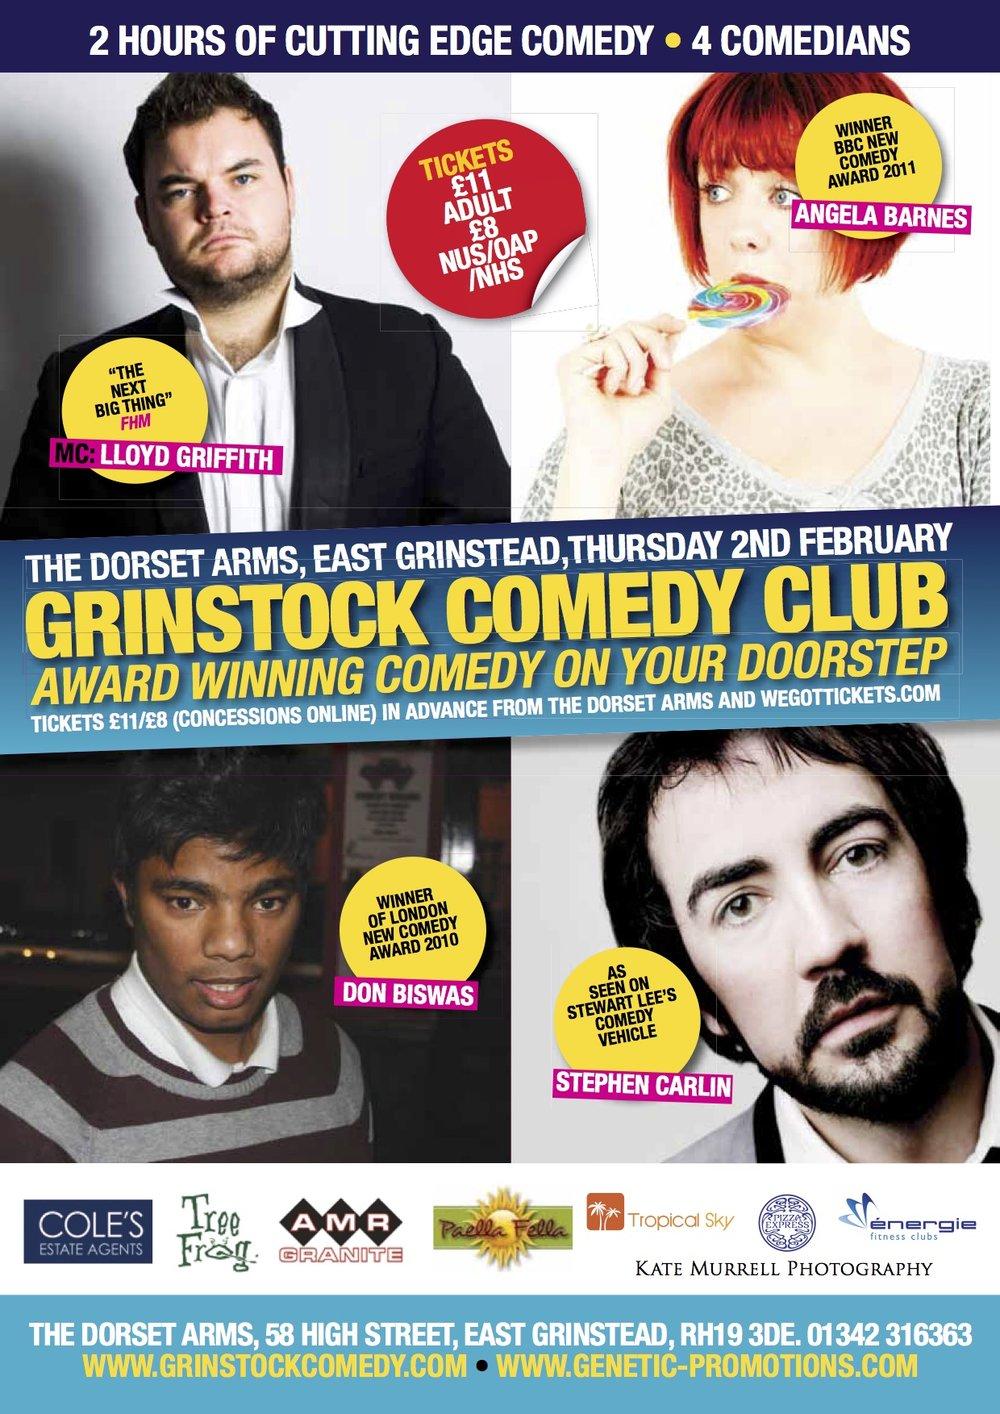 grinstock-comdey-february-2012.jpg